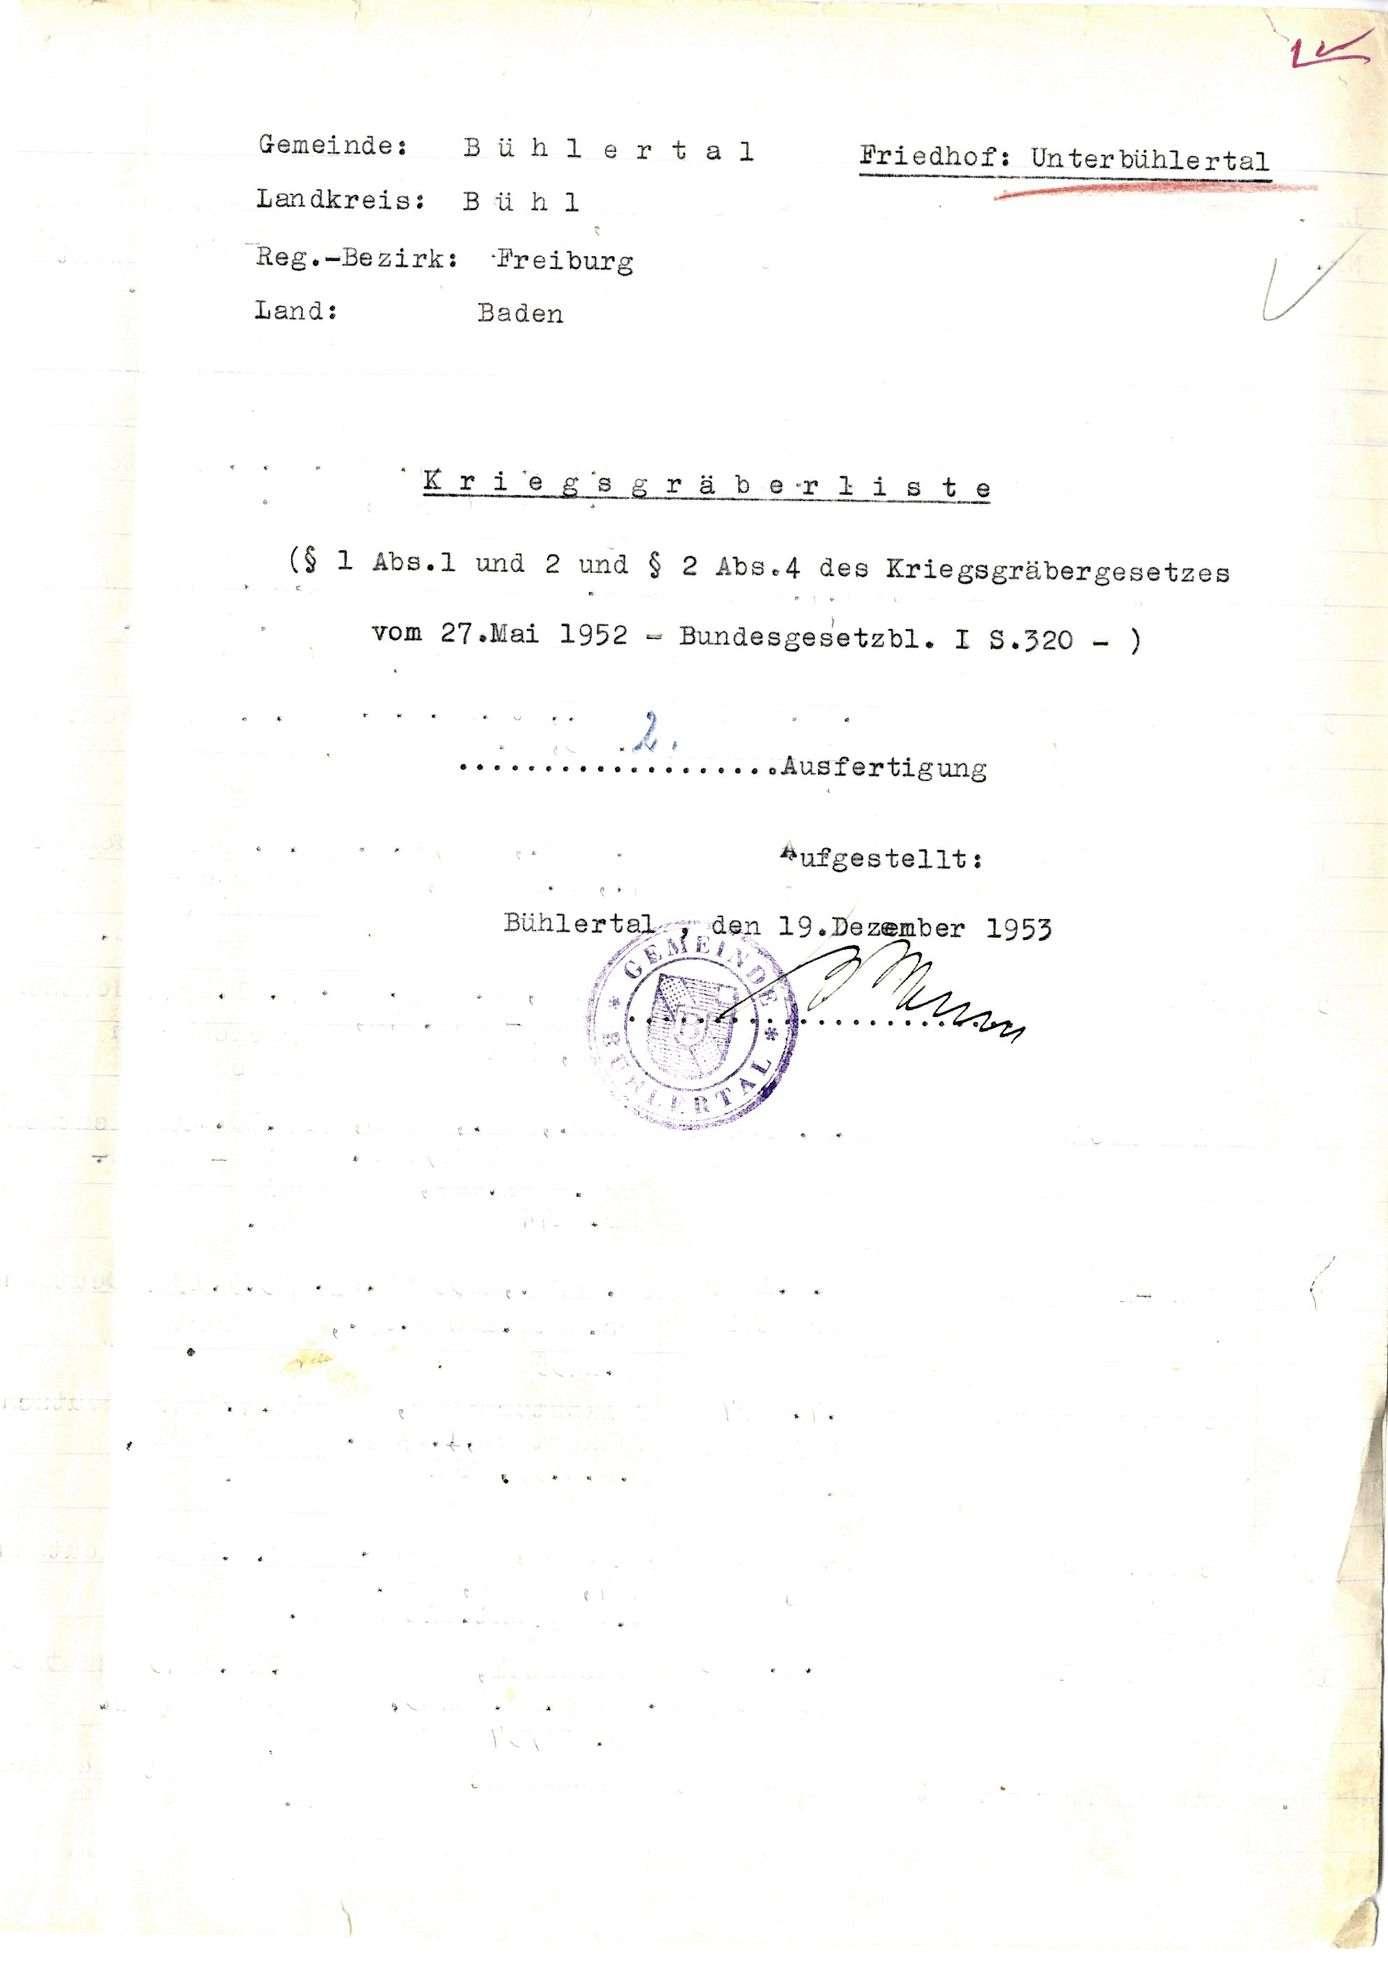 Unterbühlertal, Bild 1